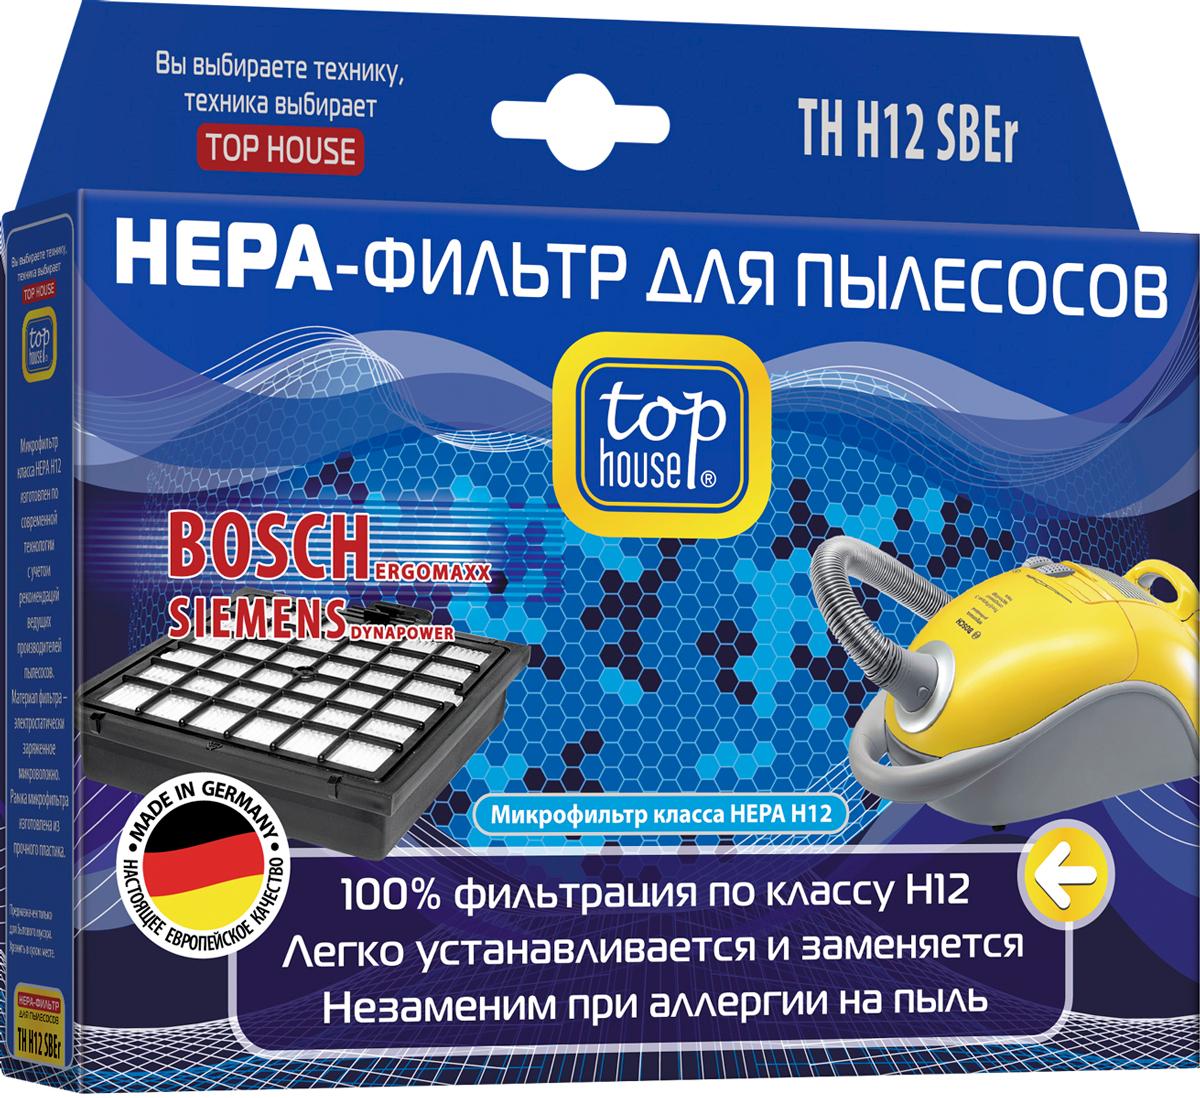 Top House TH H12 SBEr HEPA-фильтр для пылесосов Siemens/Bosch